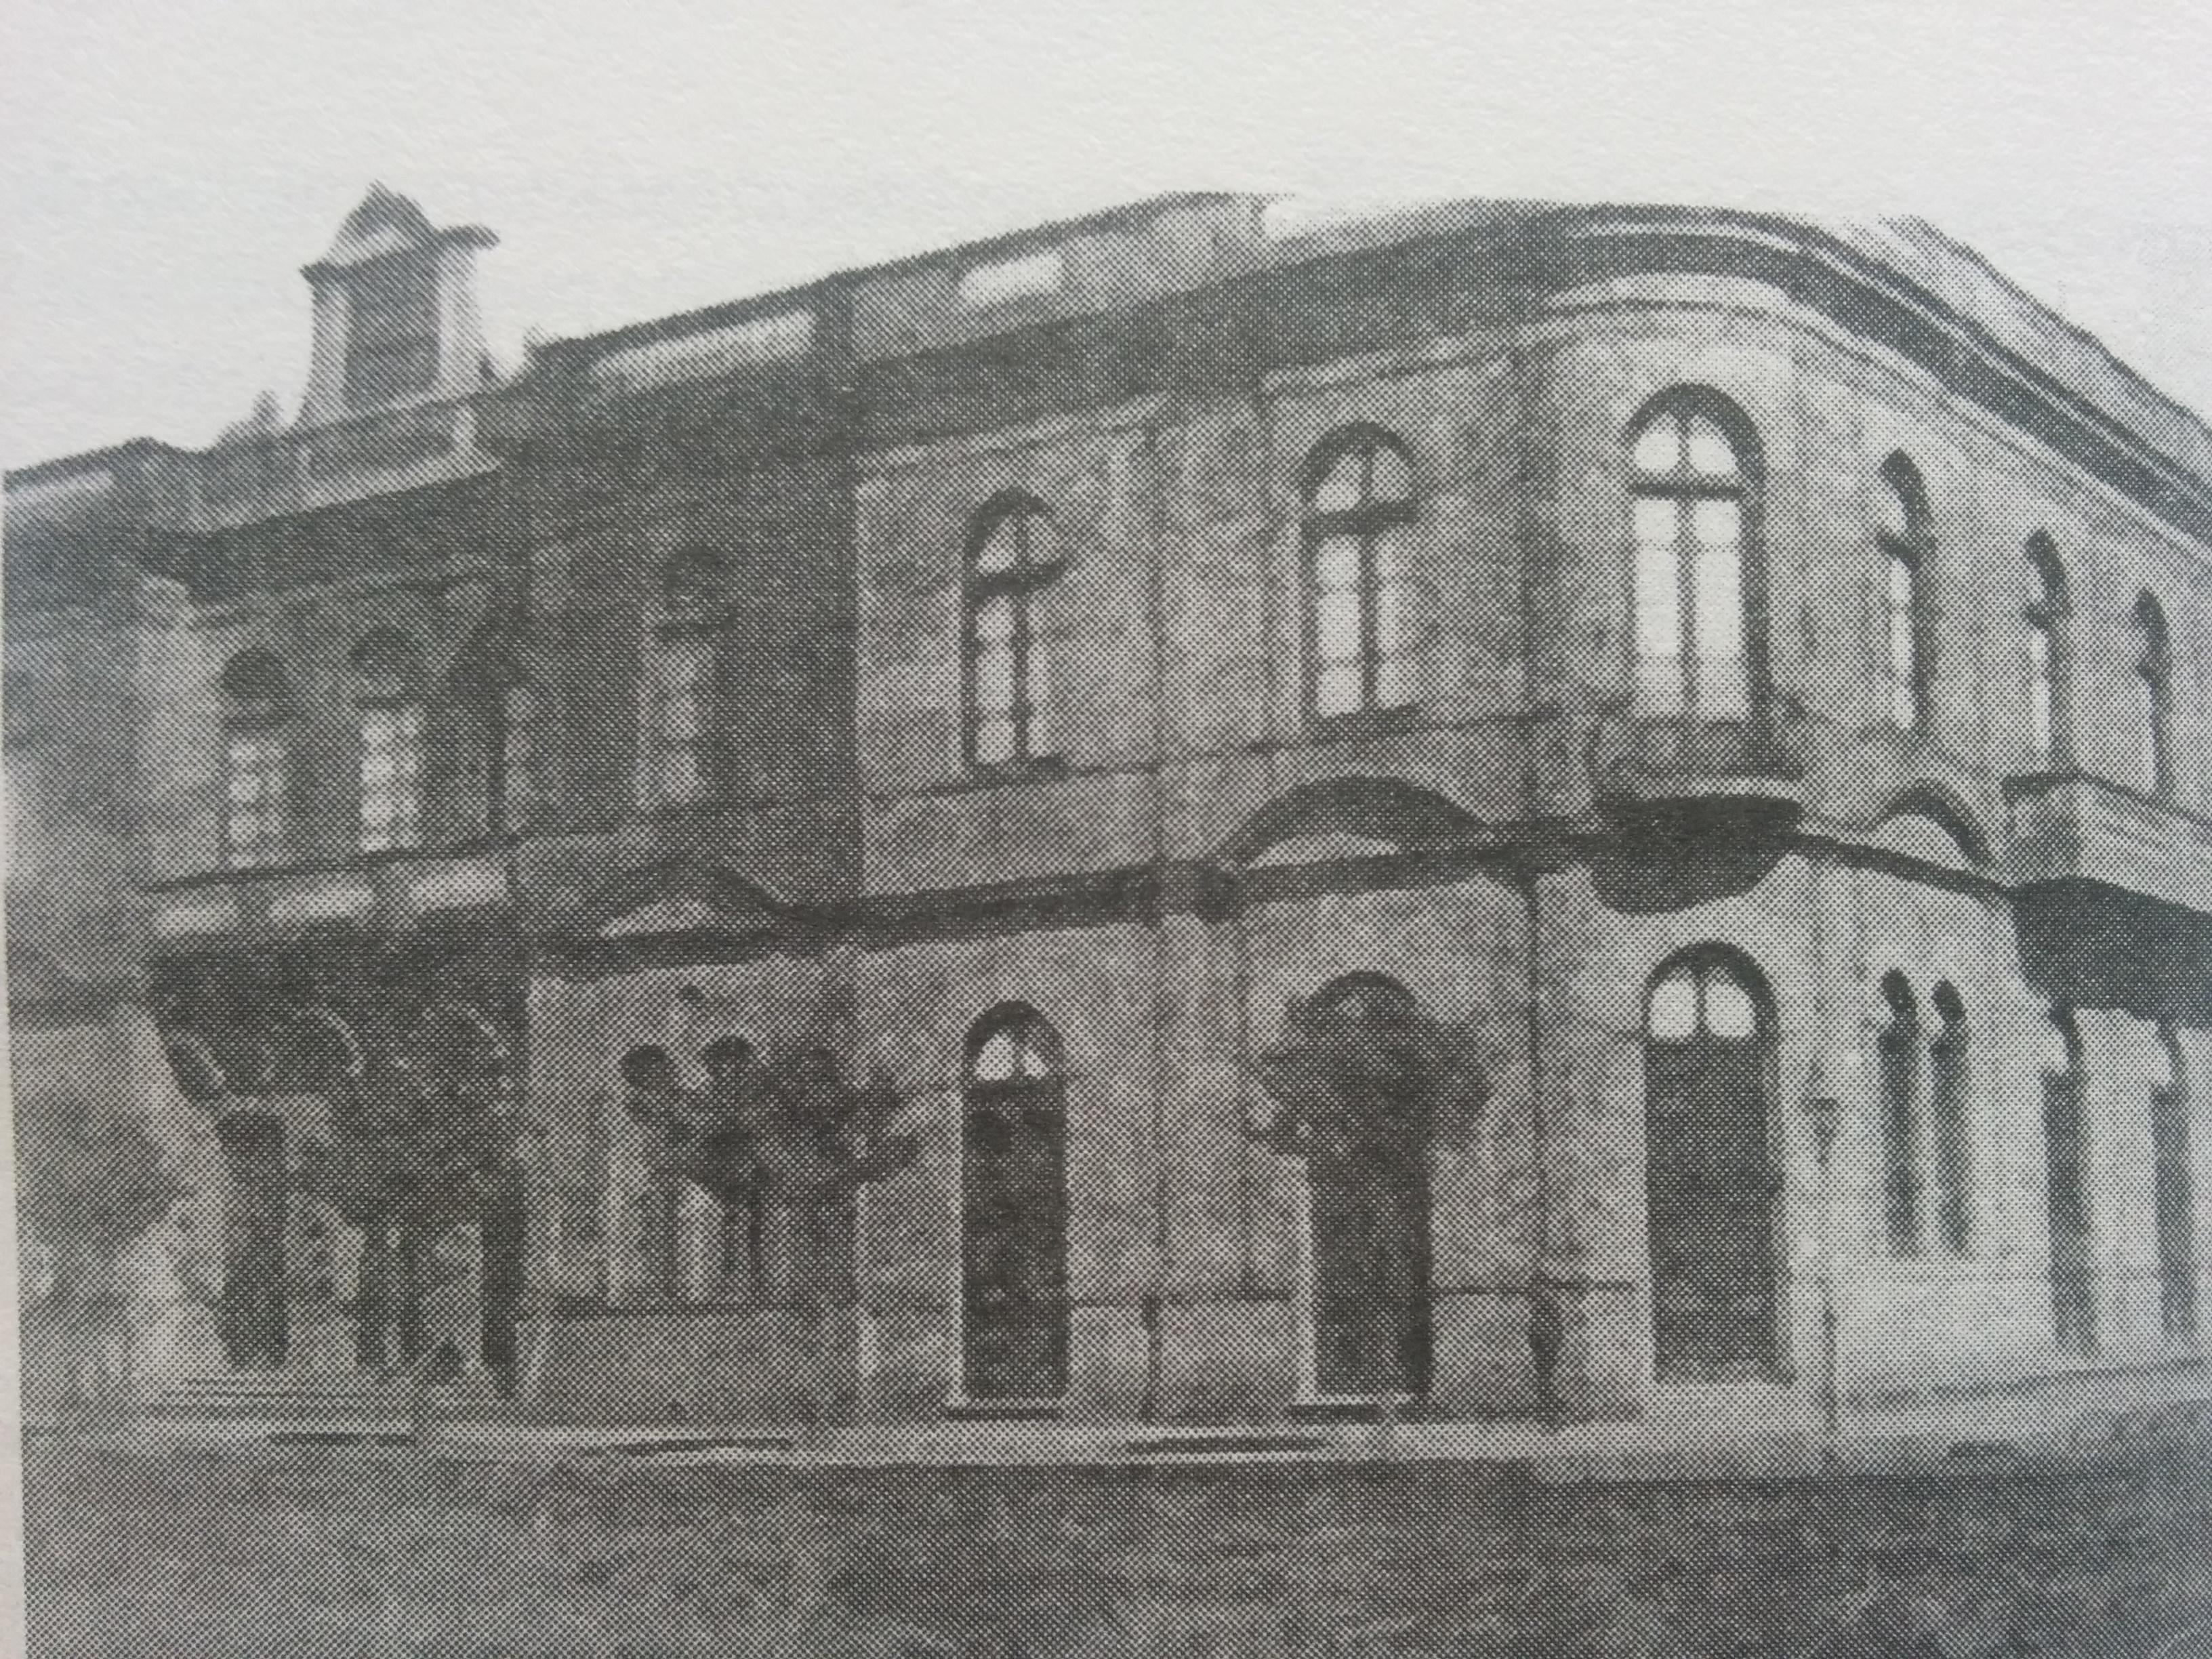 Frente de la Asociación Española, a fines del siglo XIX.